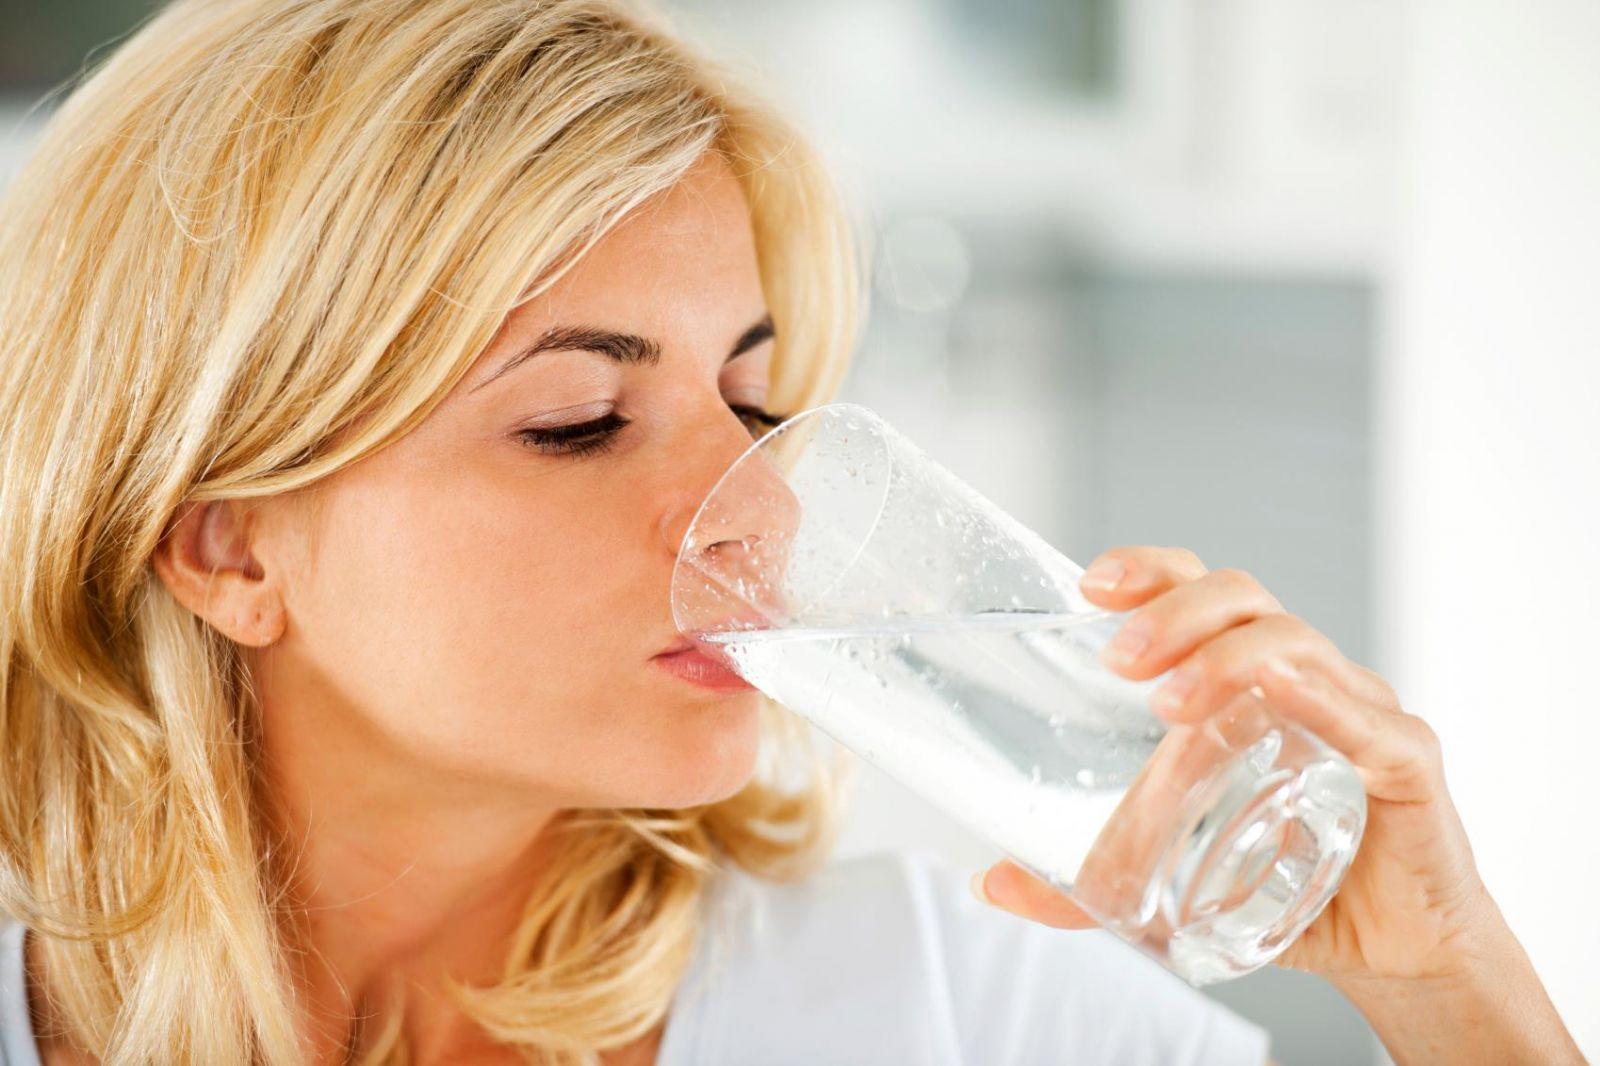 Bạn có biệt rằng khi cơ thể uống đủ nước sẽ giúp bạn giảm cân?